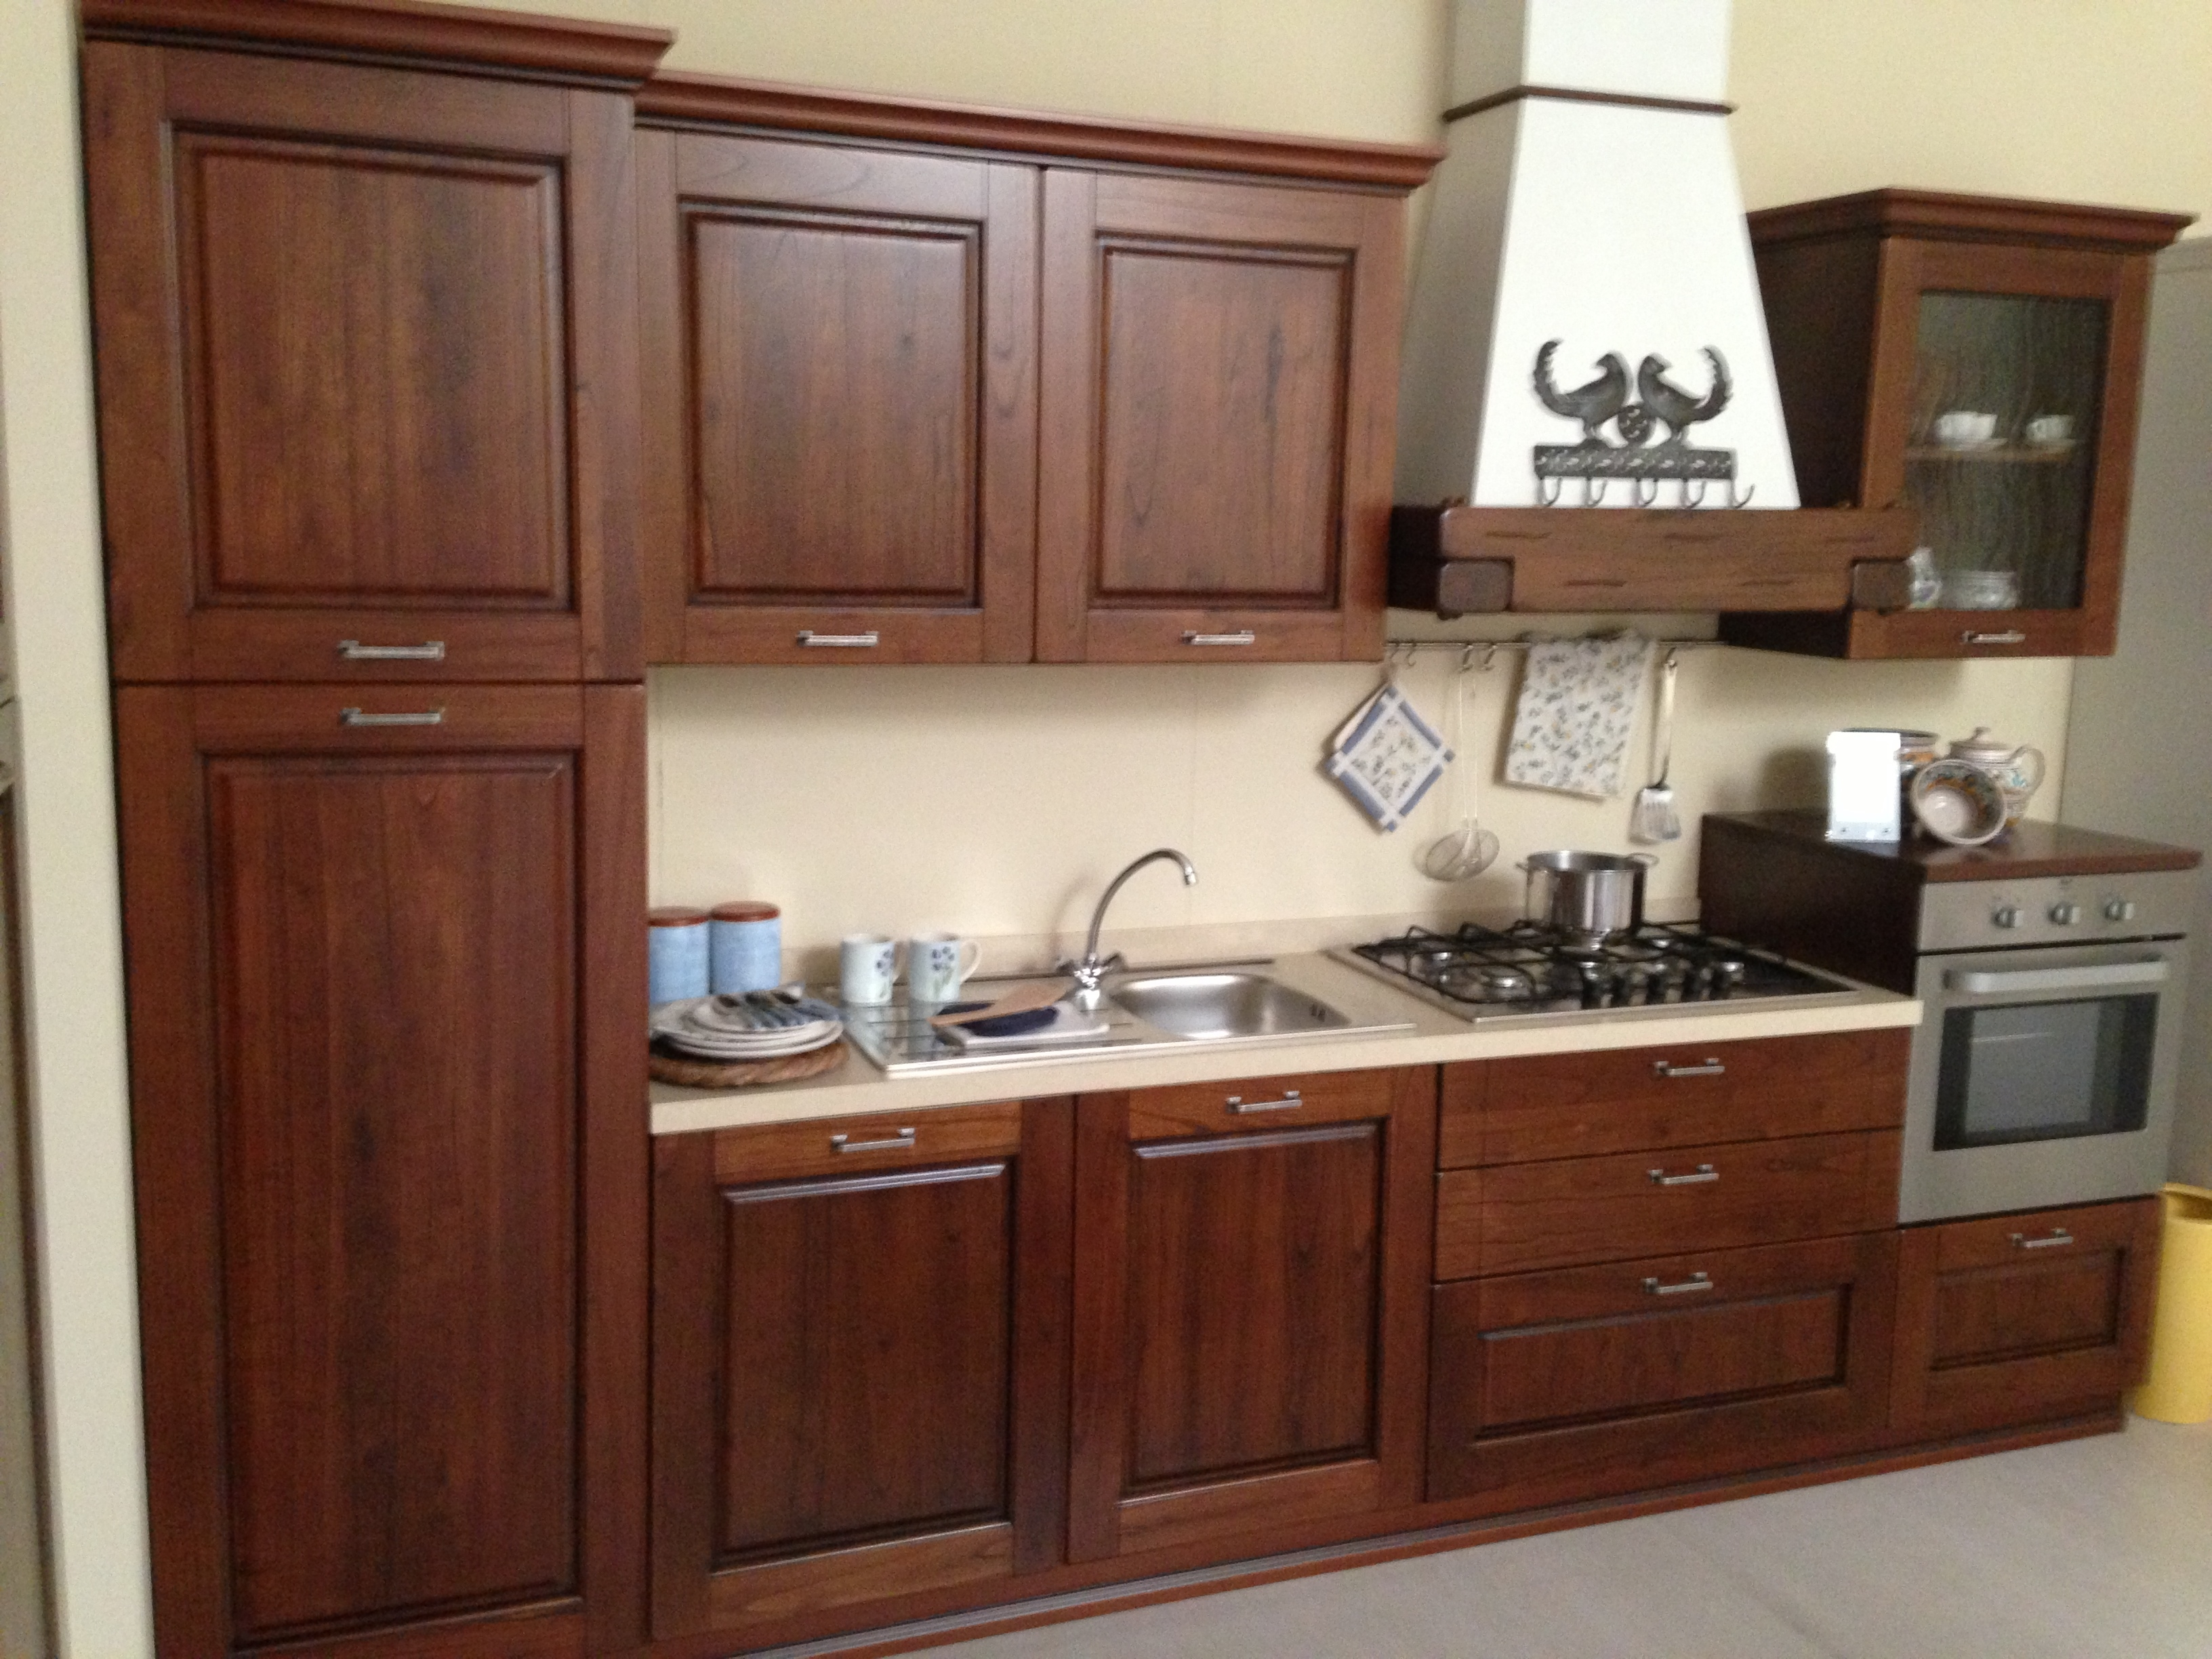 Cucina classica cm330 cucine a prezzi scontati - Arredamento cucina classica ...